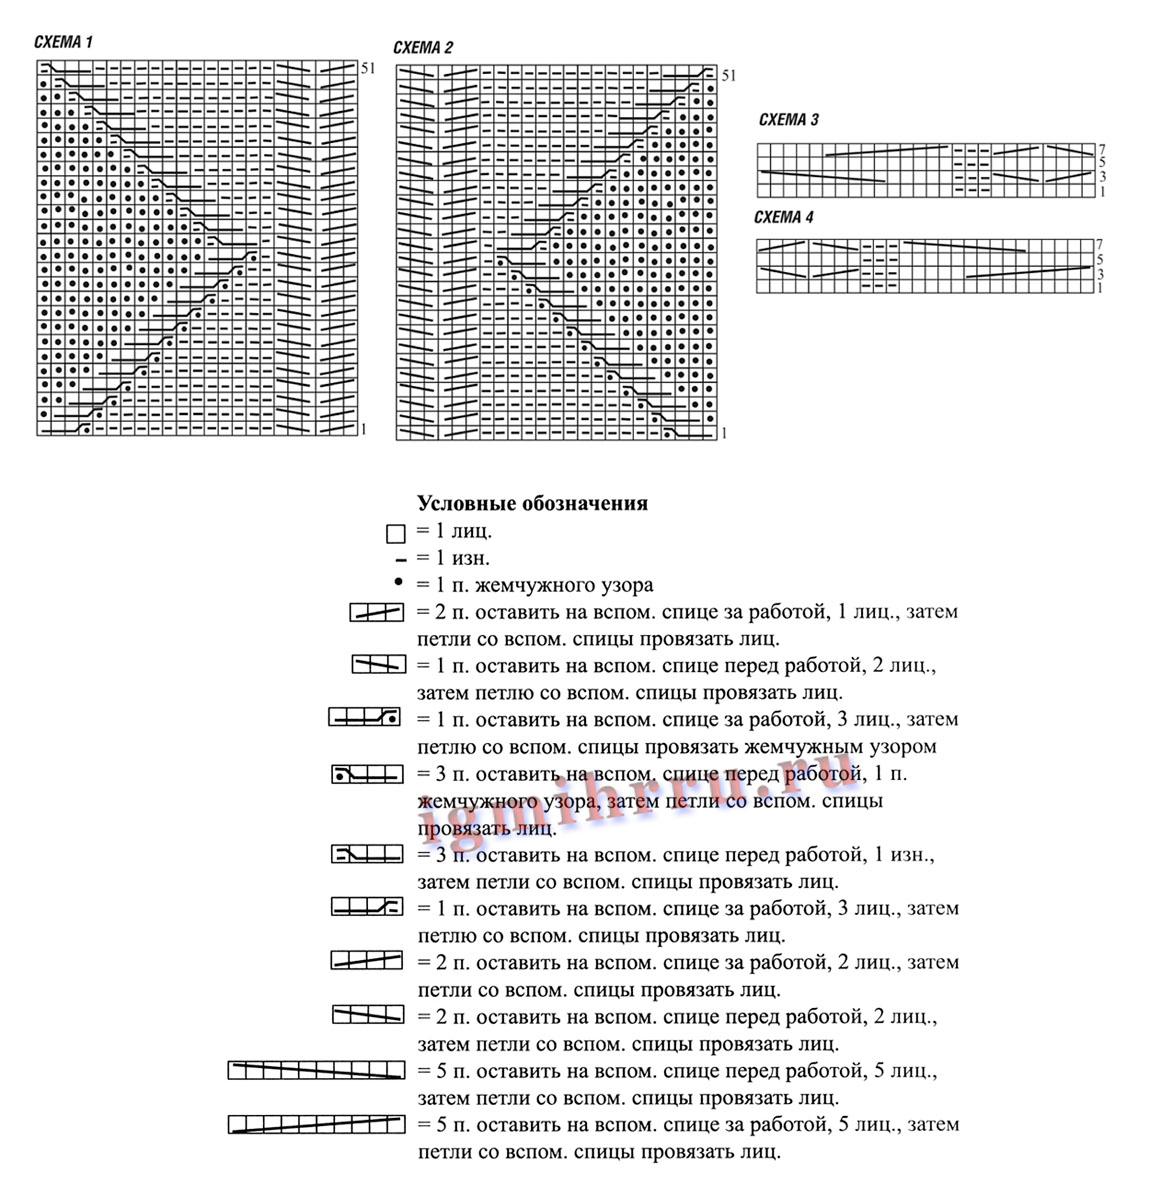 http://igmihrru.ru/MODELI/sp/pulover/896/896.2.jpg